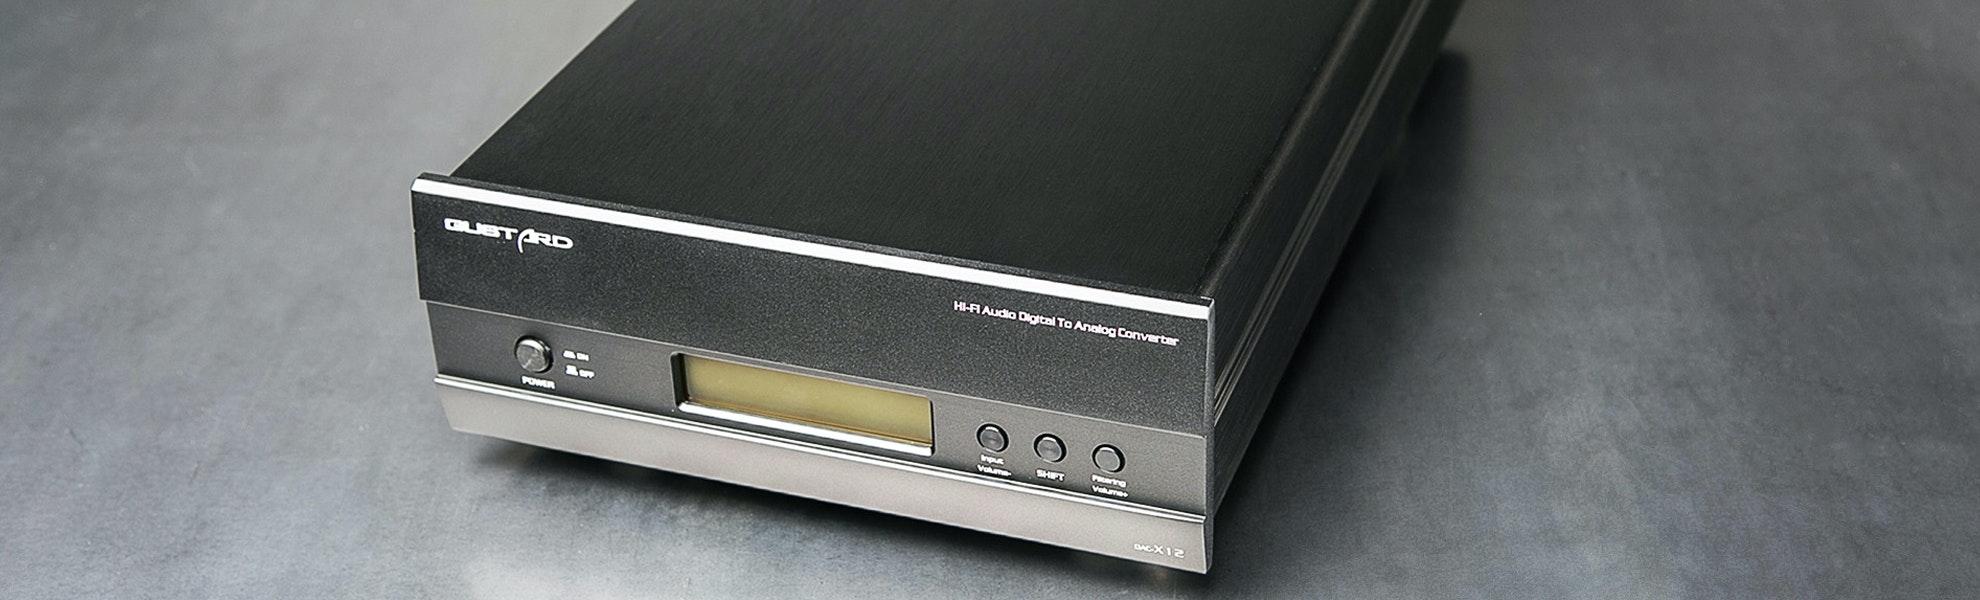 GUSTARD DAC-X12 USB Version